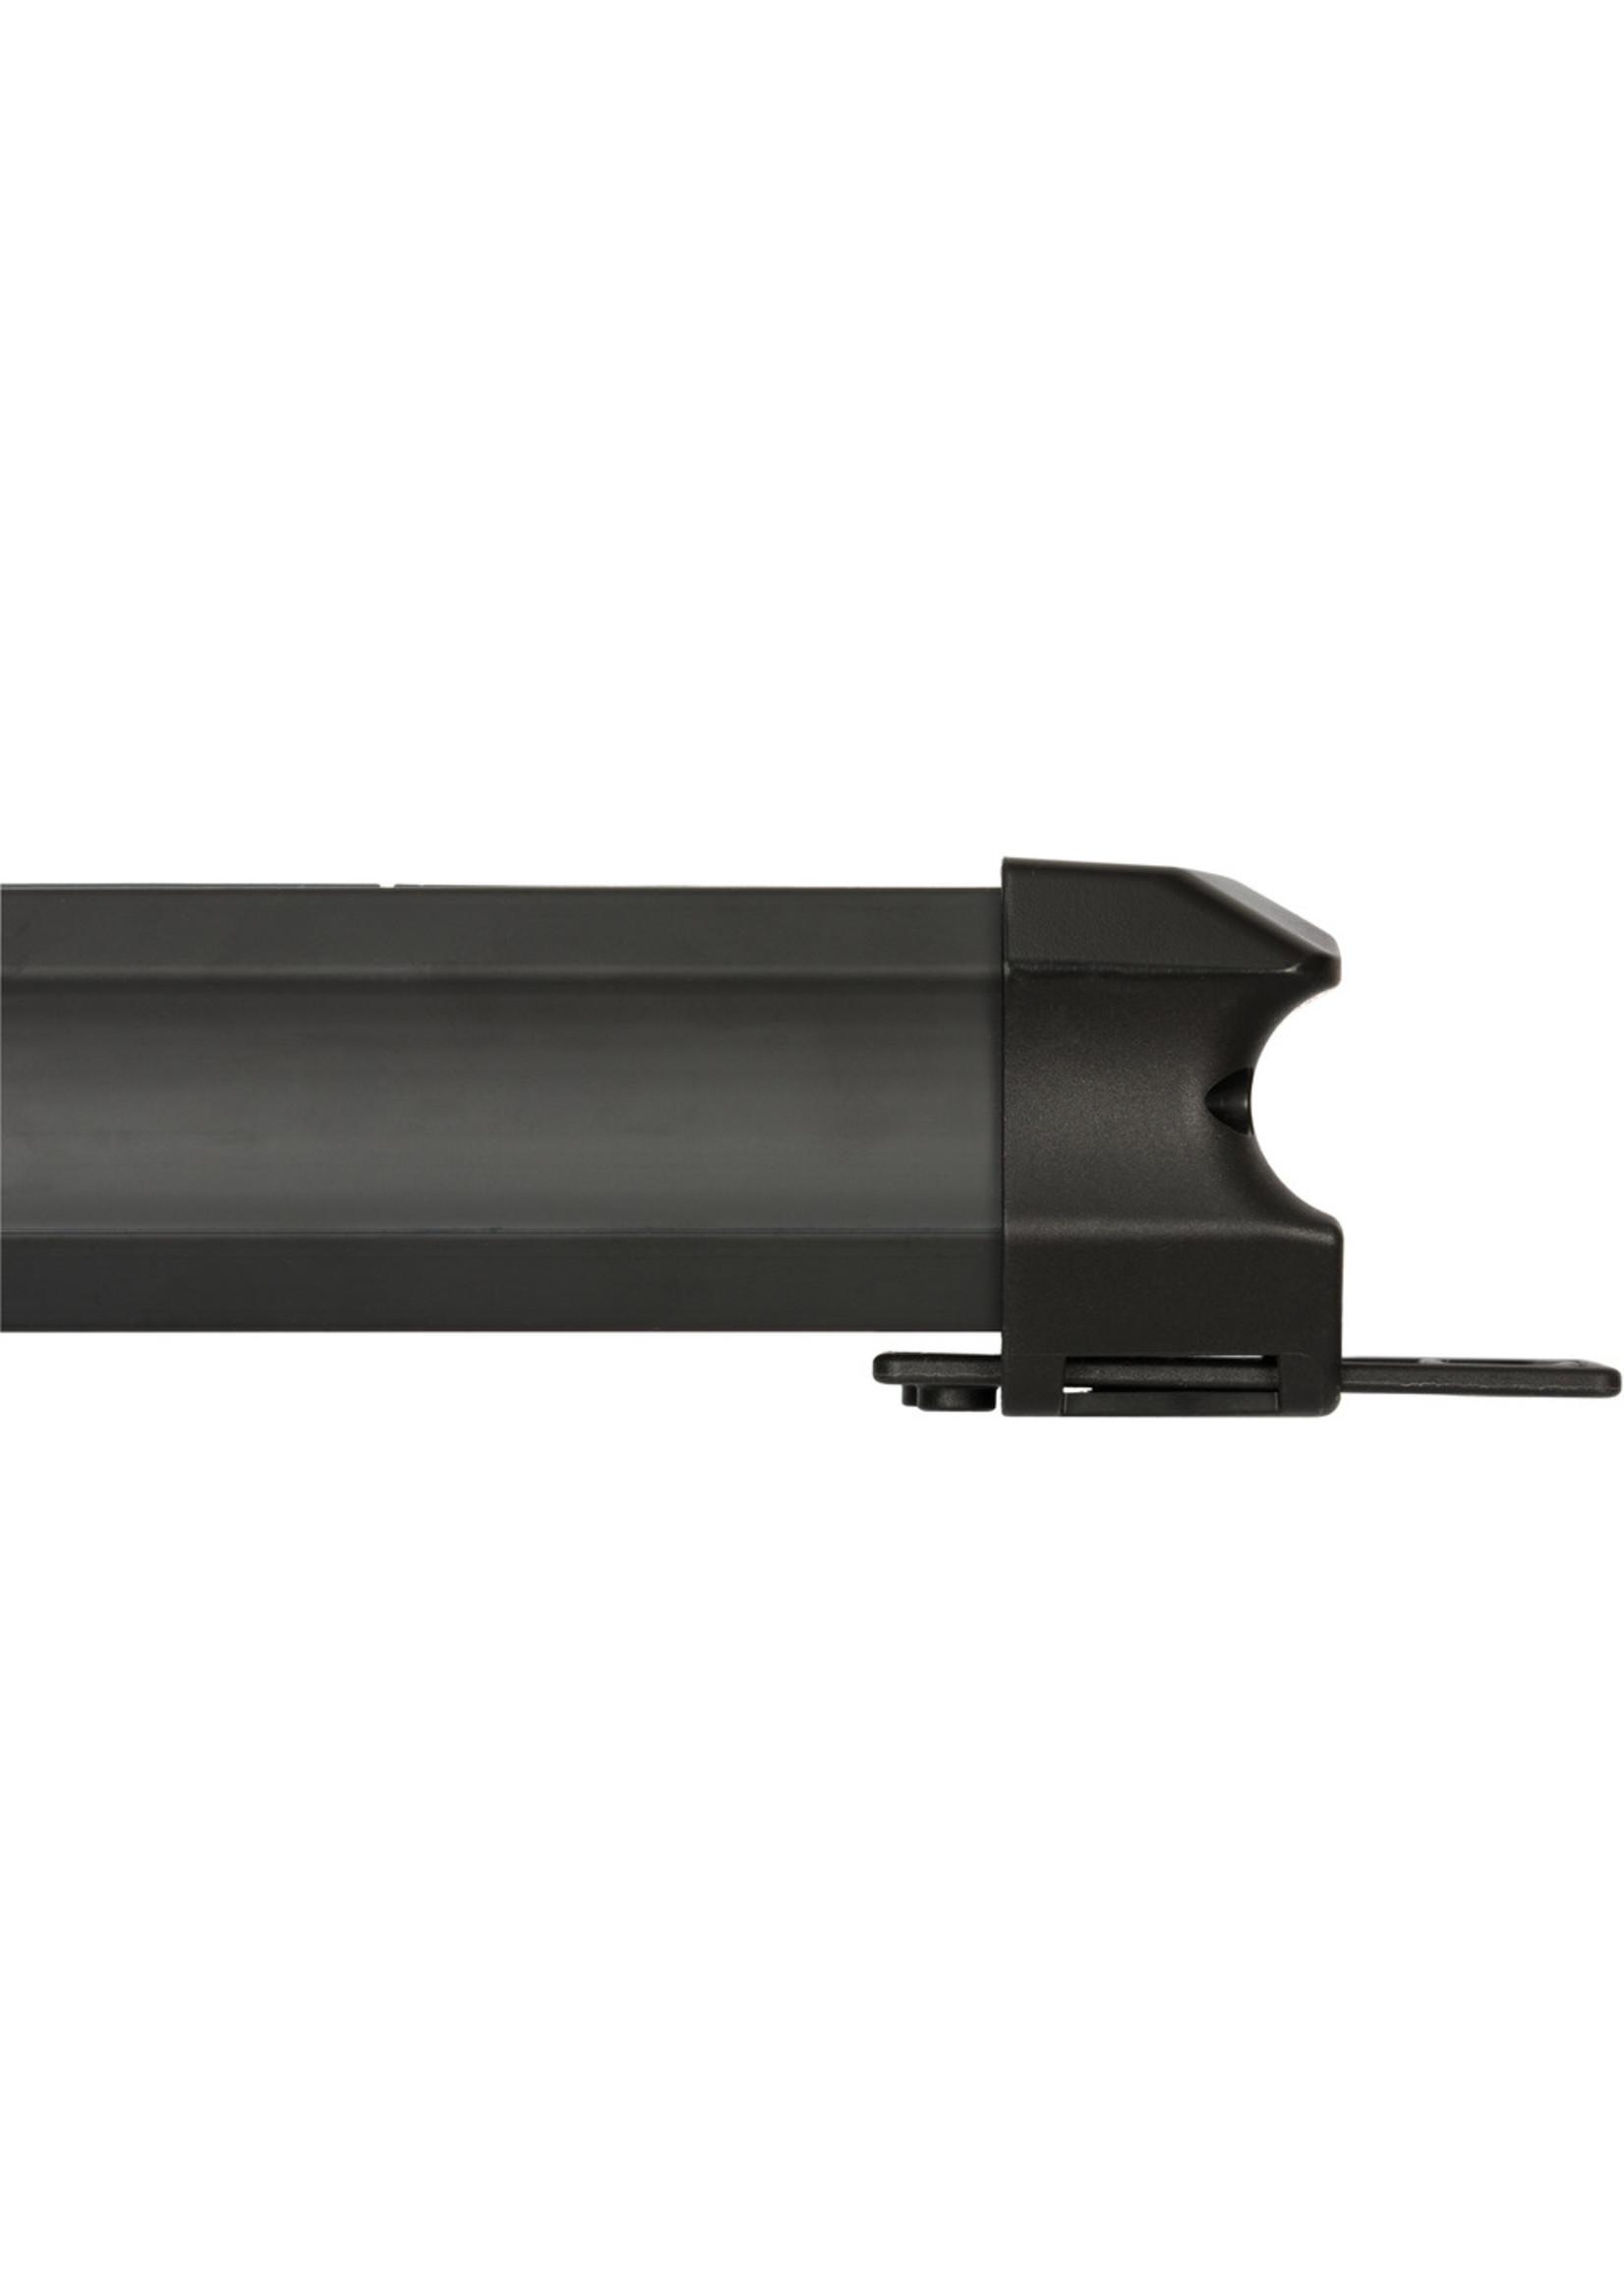 Brennenstuhl Brennenstuhl Premium-Line stekkerdoos met 6 contacten / grijs/zwart - 5 meter